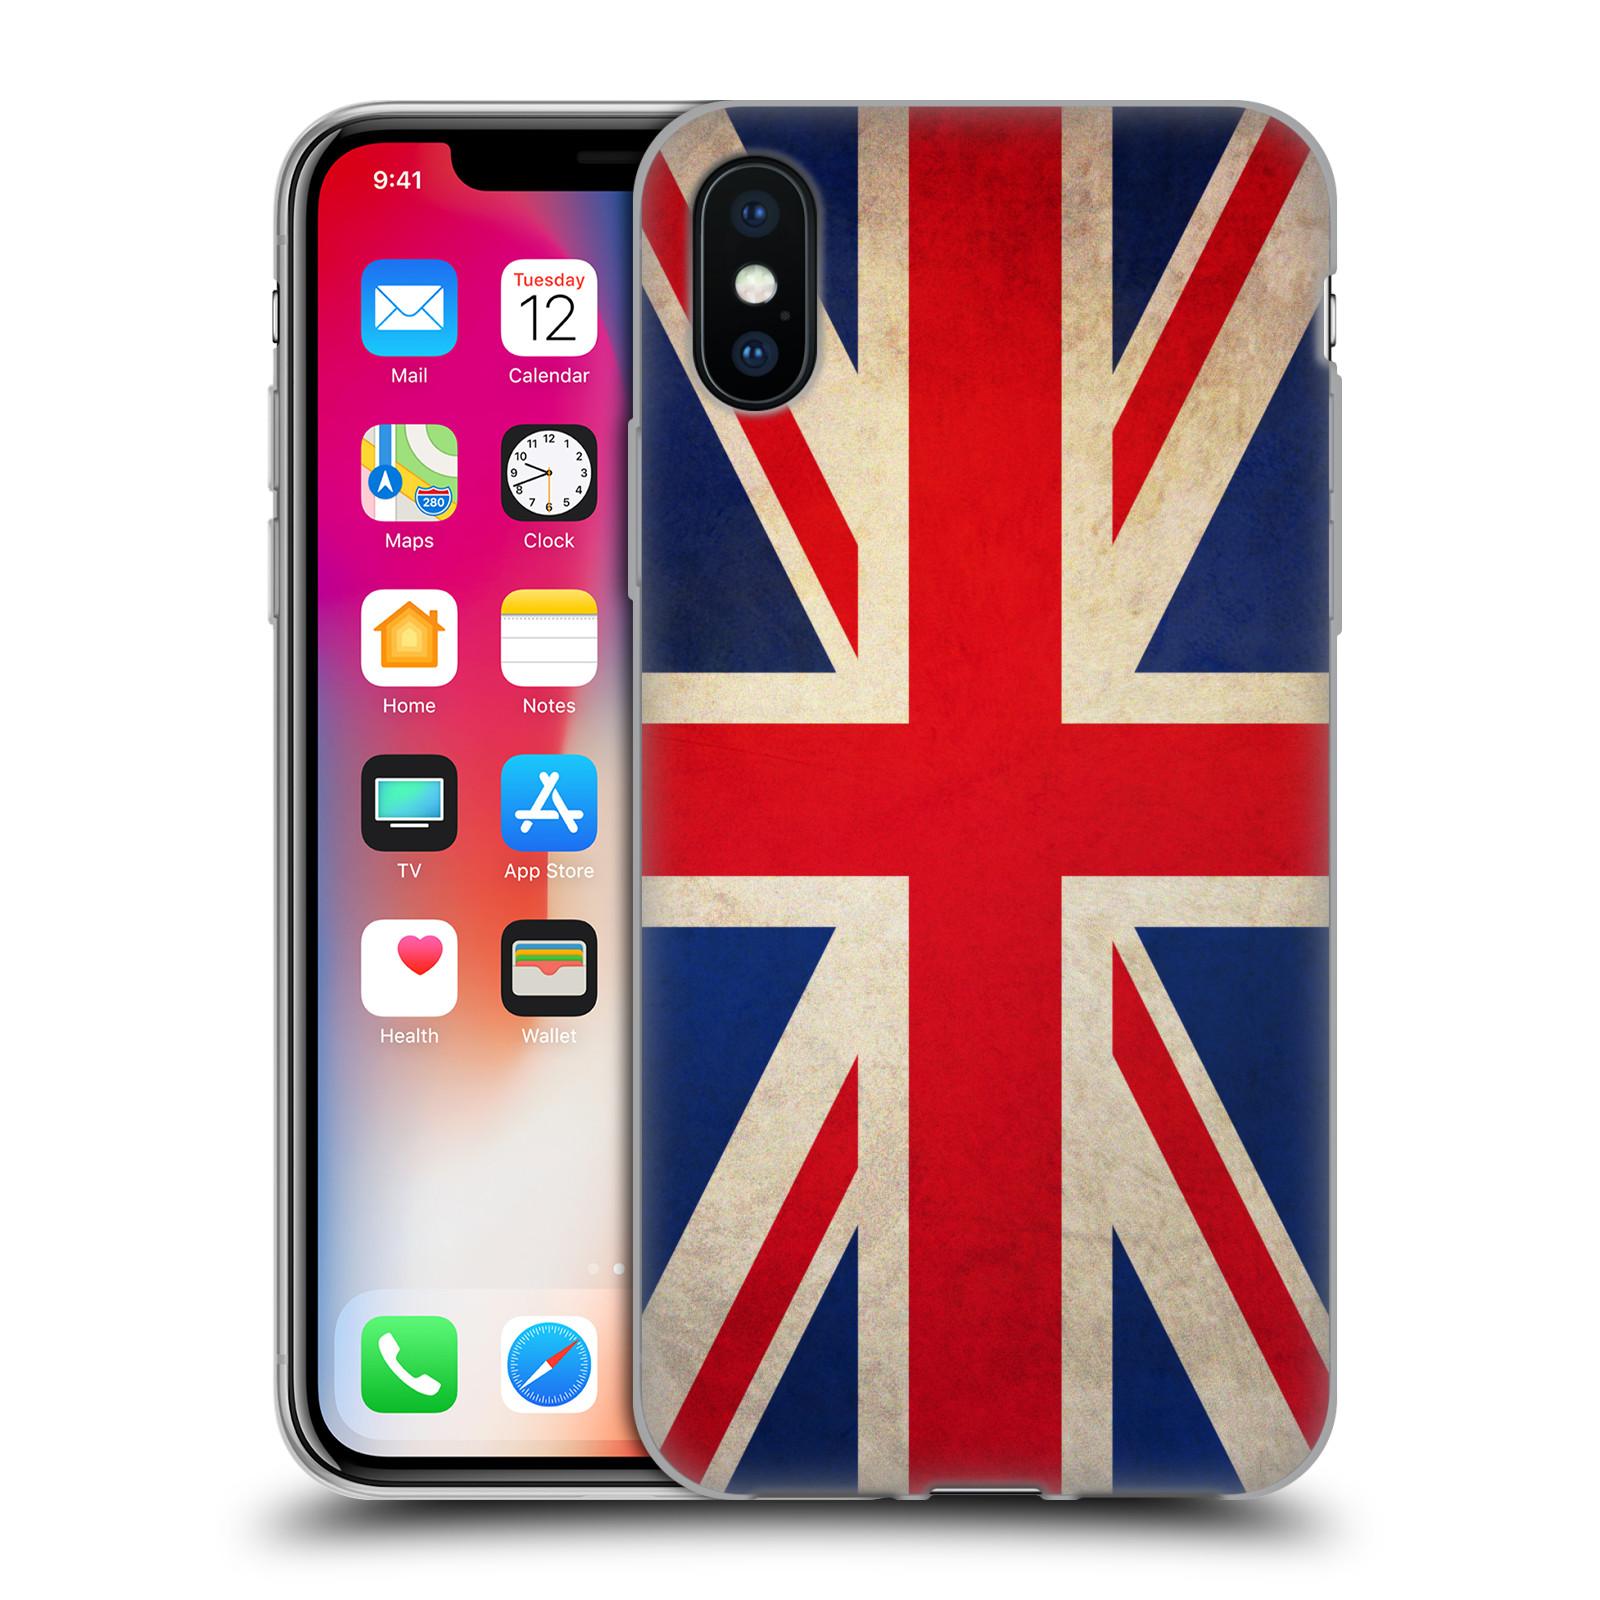 Silikonové pouzdro na mobil Apple iPhone XS - Head Case - VLAJKA VELKÁ BRITÁNIE